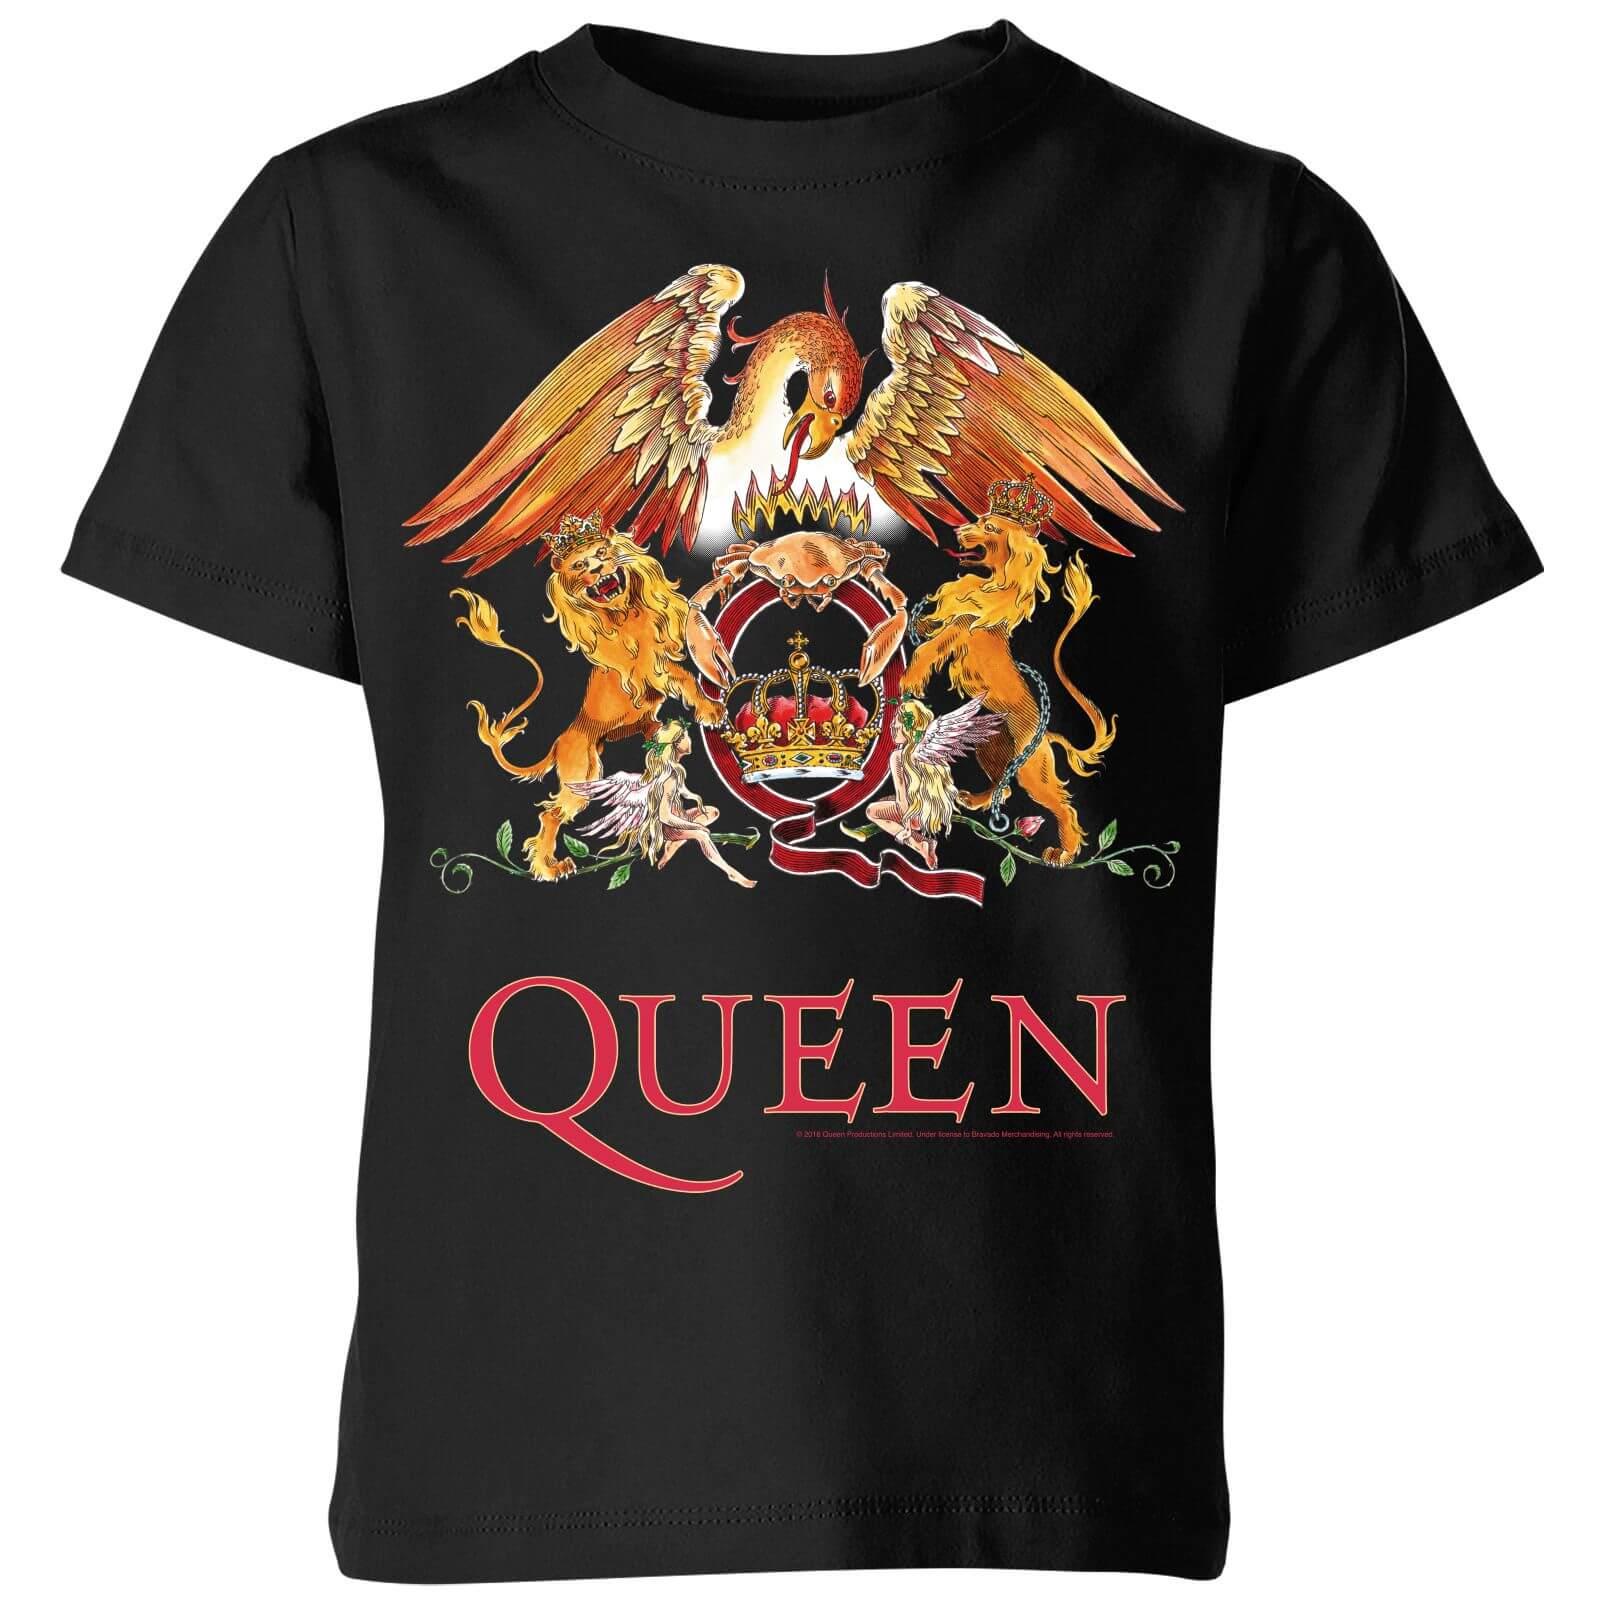 vendita calda online 0dec9 28a76 Queen Crest Kids' T-Shirt - Black